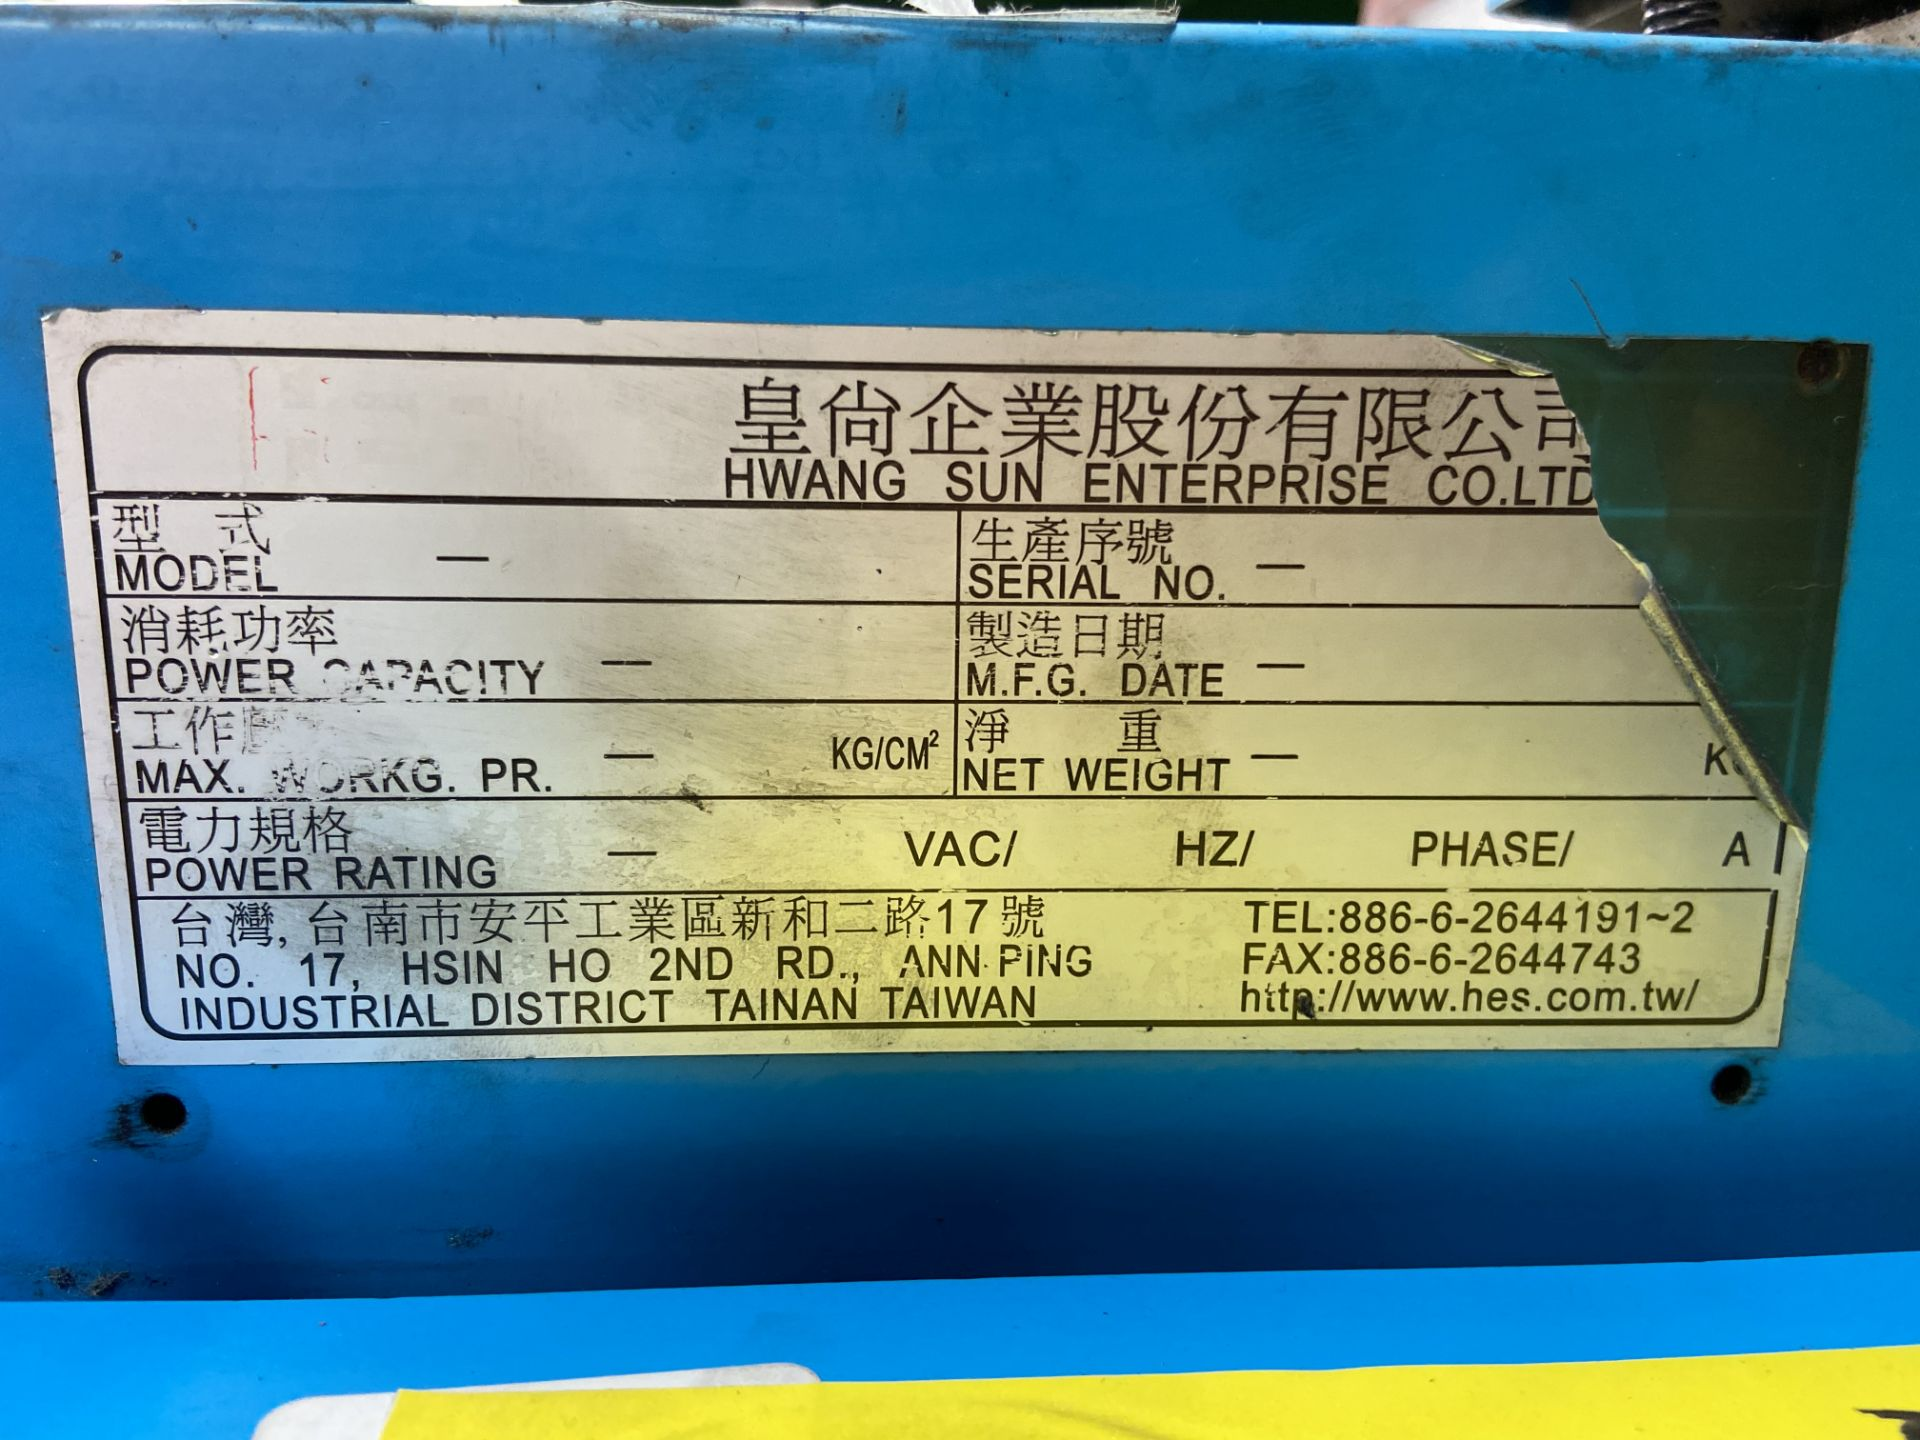 Lot 30 - (2) Mini glue de rodillo marca Hwang Sun Enterprise, Modelo: HS7003A-A